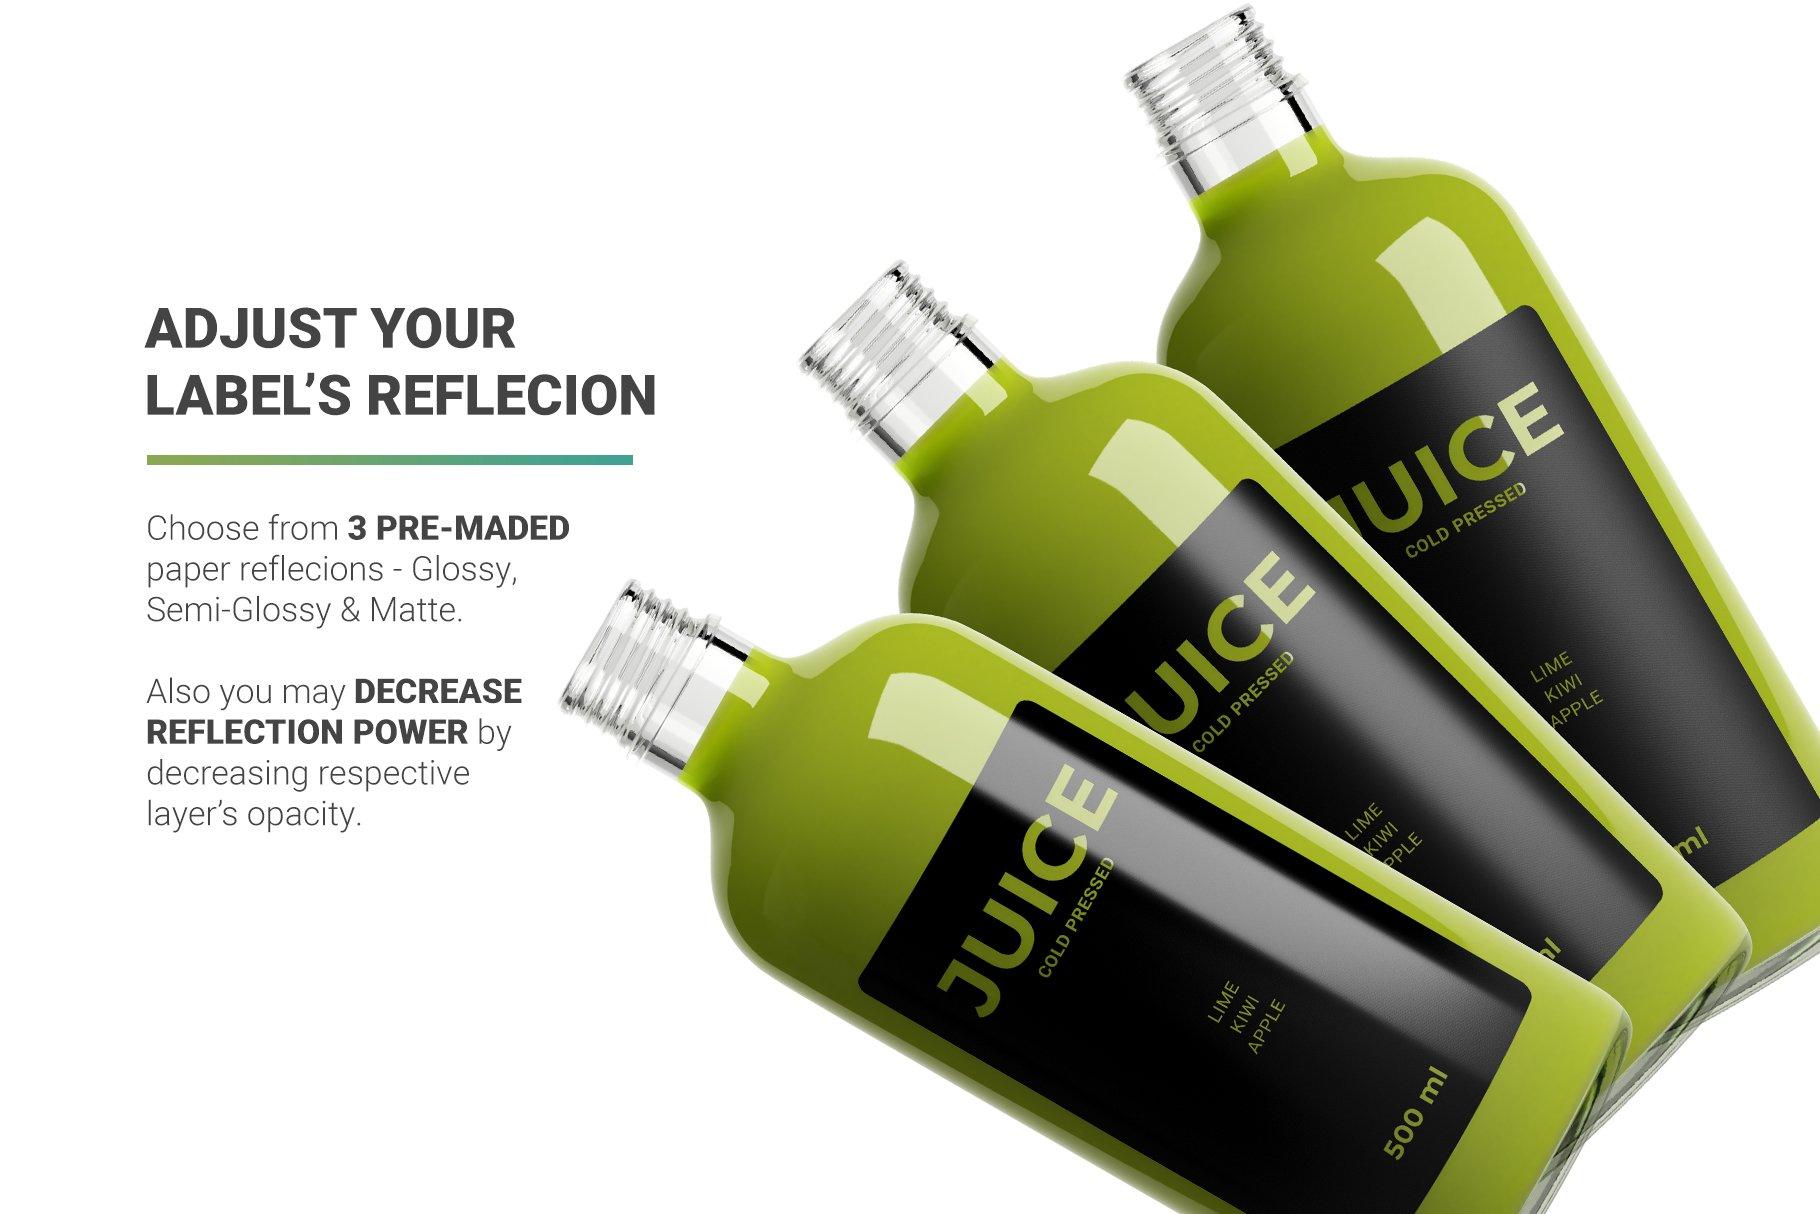 透明果汁玻璃瓶设计展示样机 Juice Bottle Mockup插图(7)